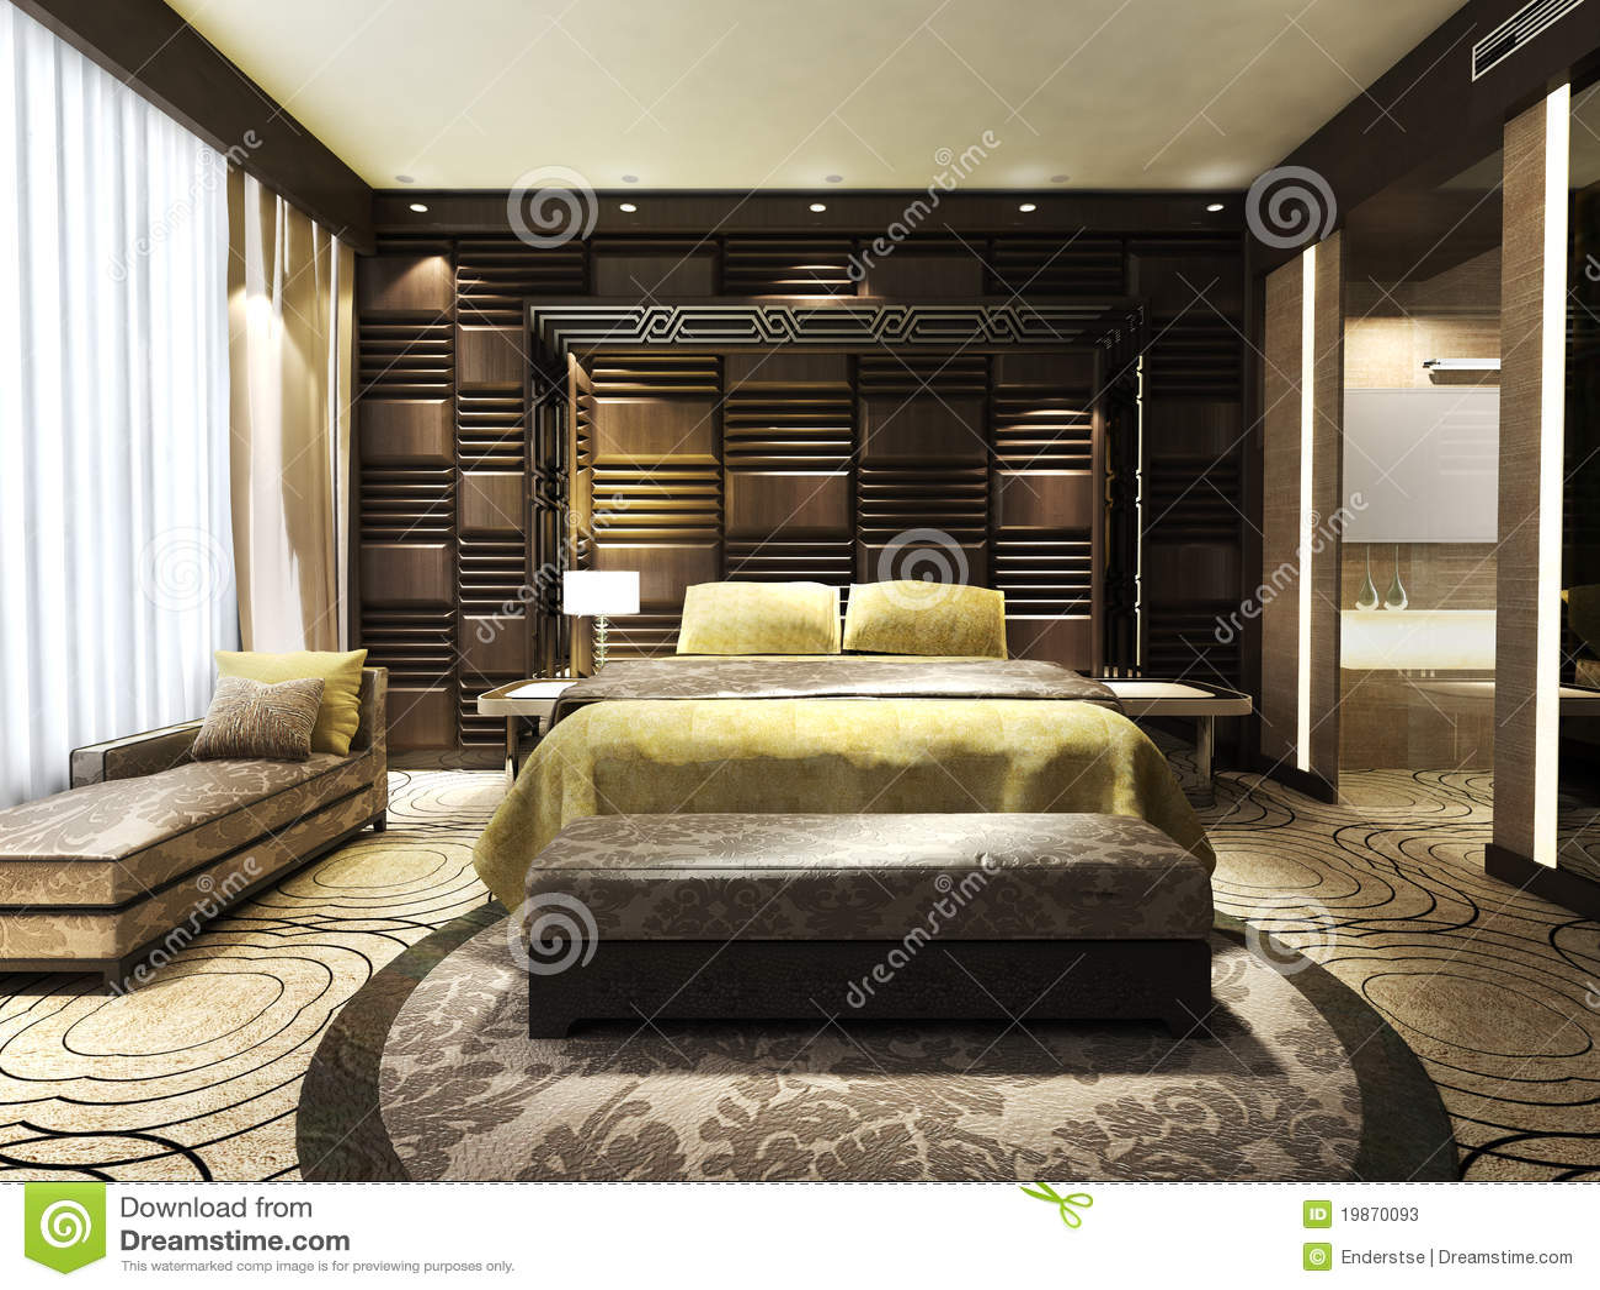 Slaapkamer Dekor Idees : Moderne slaapkamer stock afbeelding afbeelding bestaande uit flat